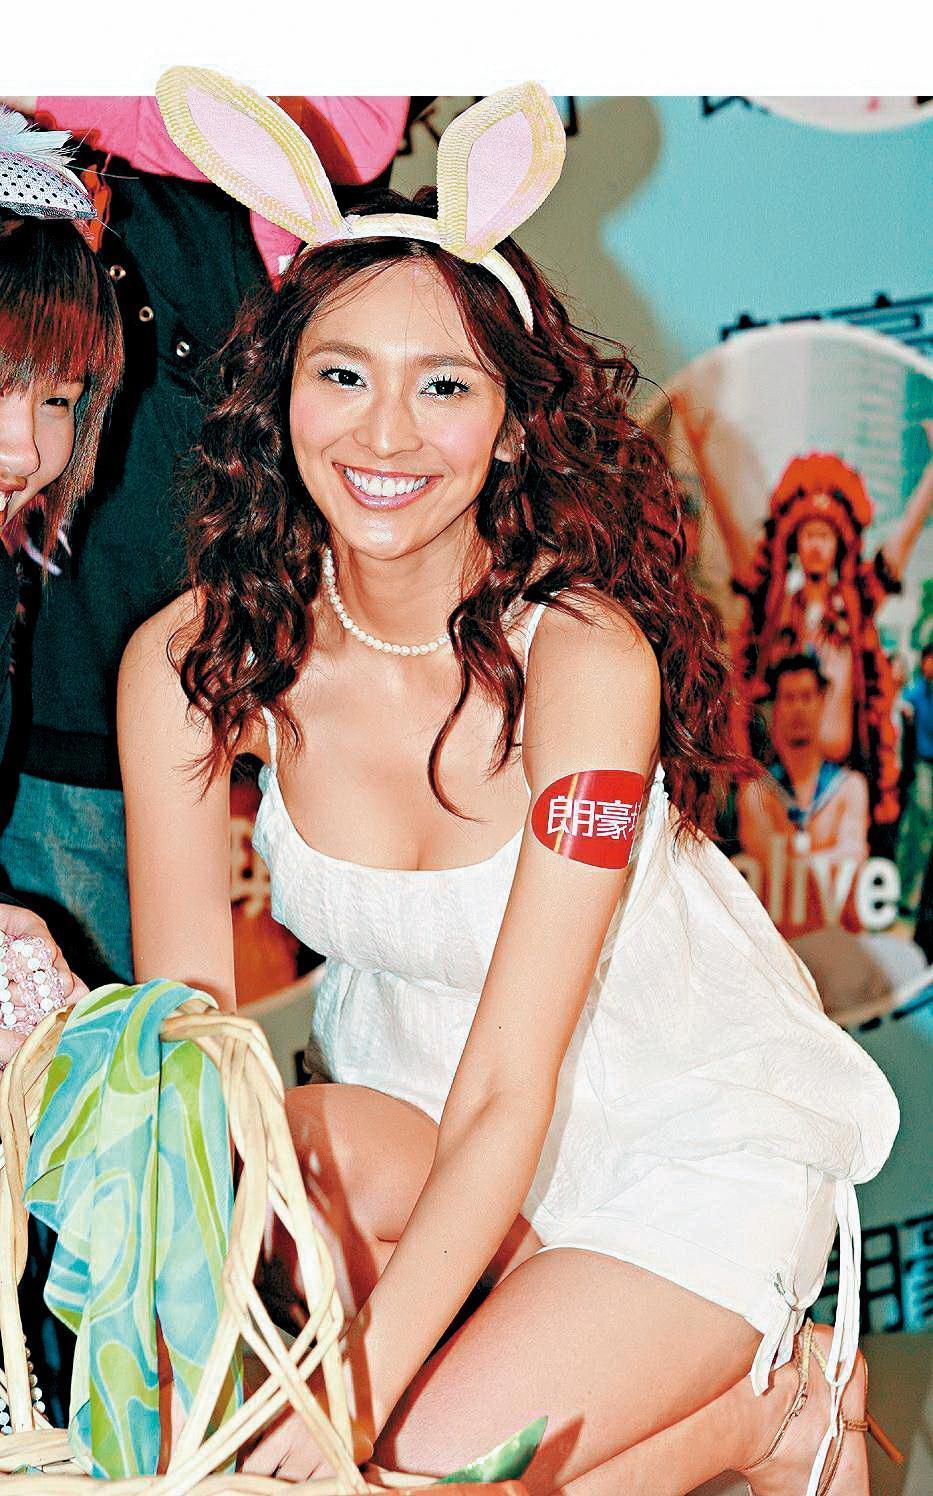 吳佩慈出道時有「八頭身美少女」的美譽,曾在台灣橫跨主持、唱片等界。(東方IC)